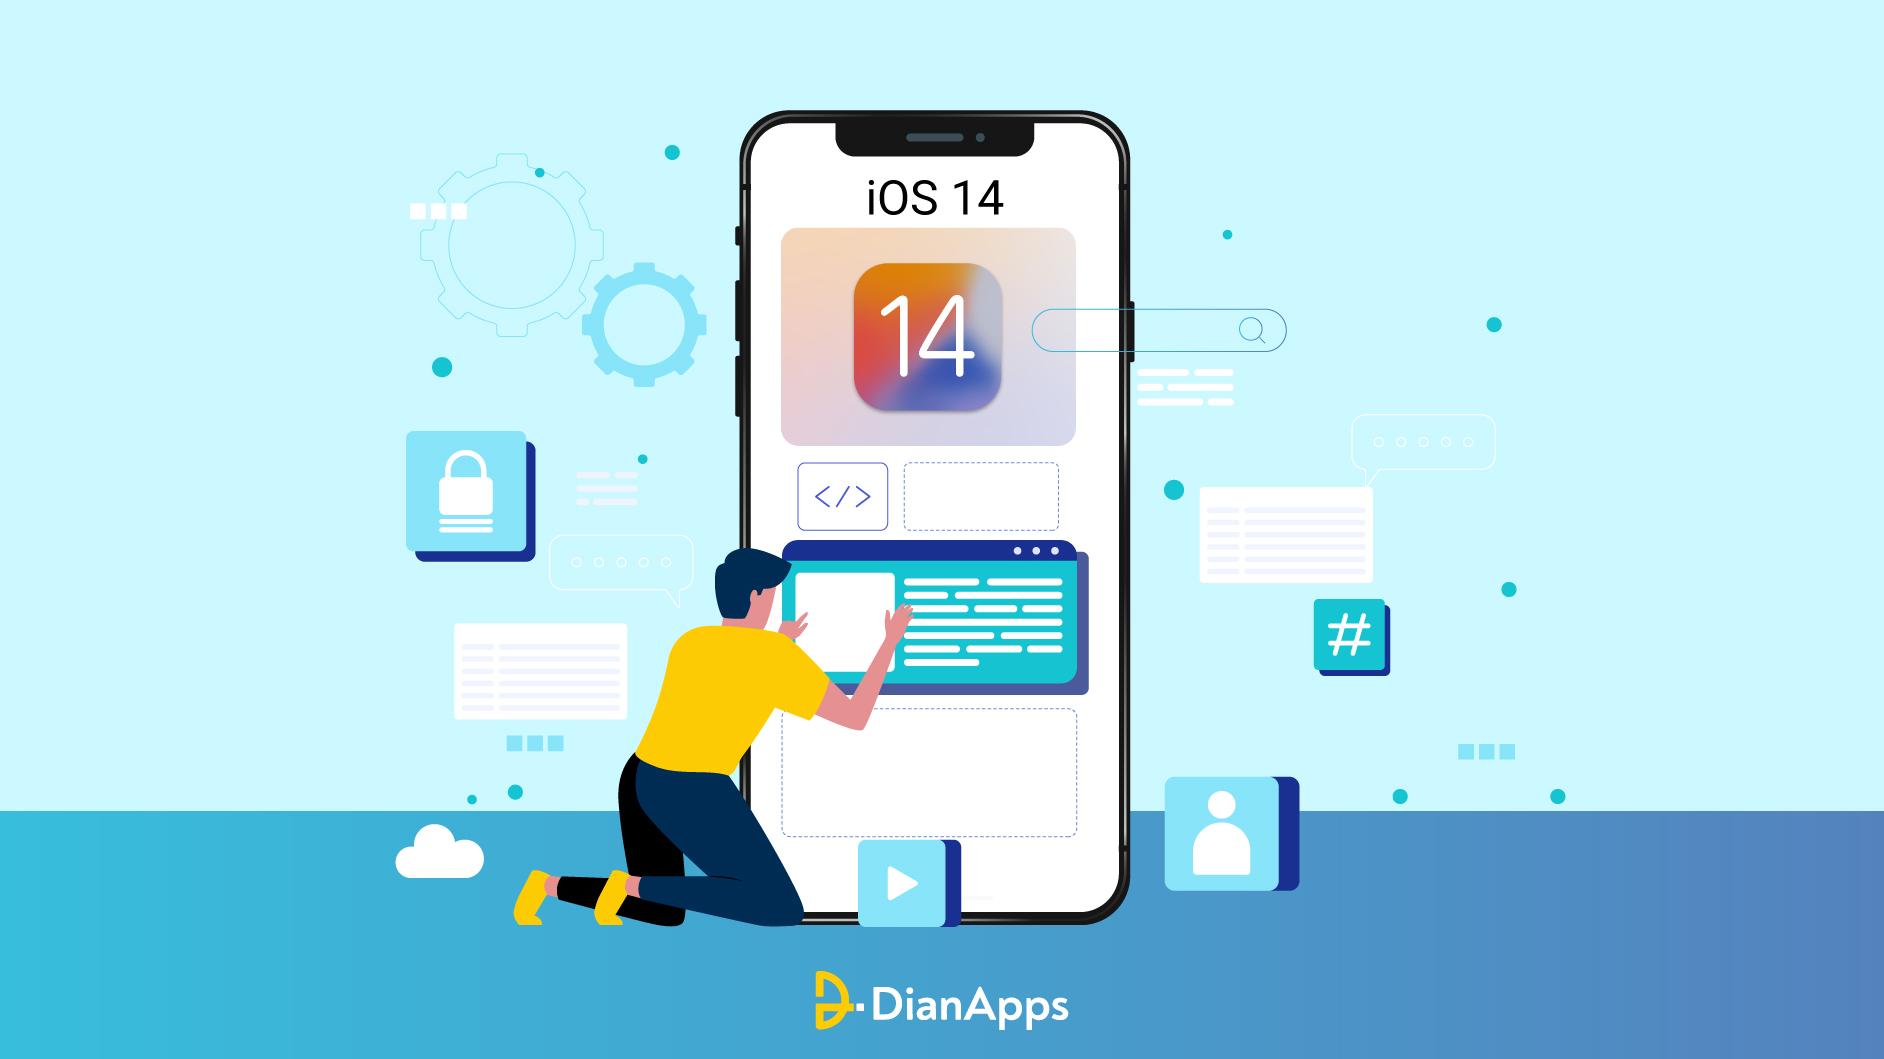 New iOS 14